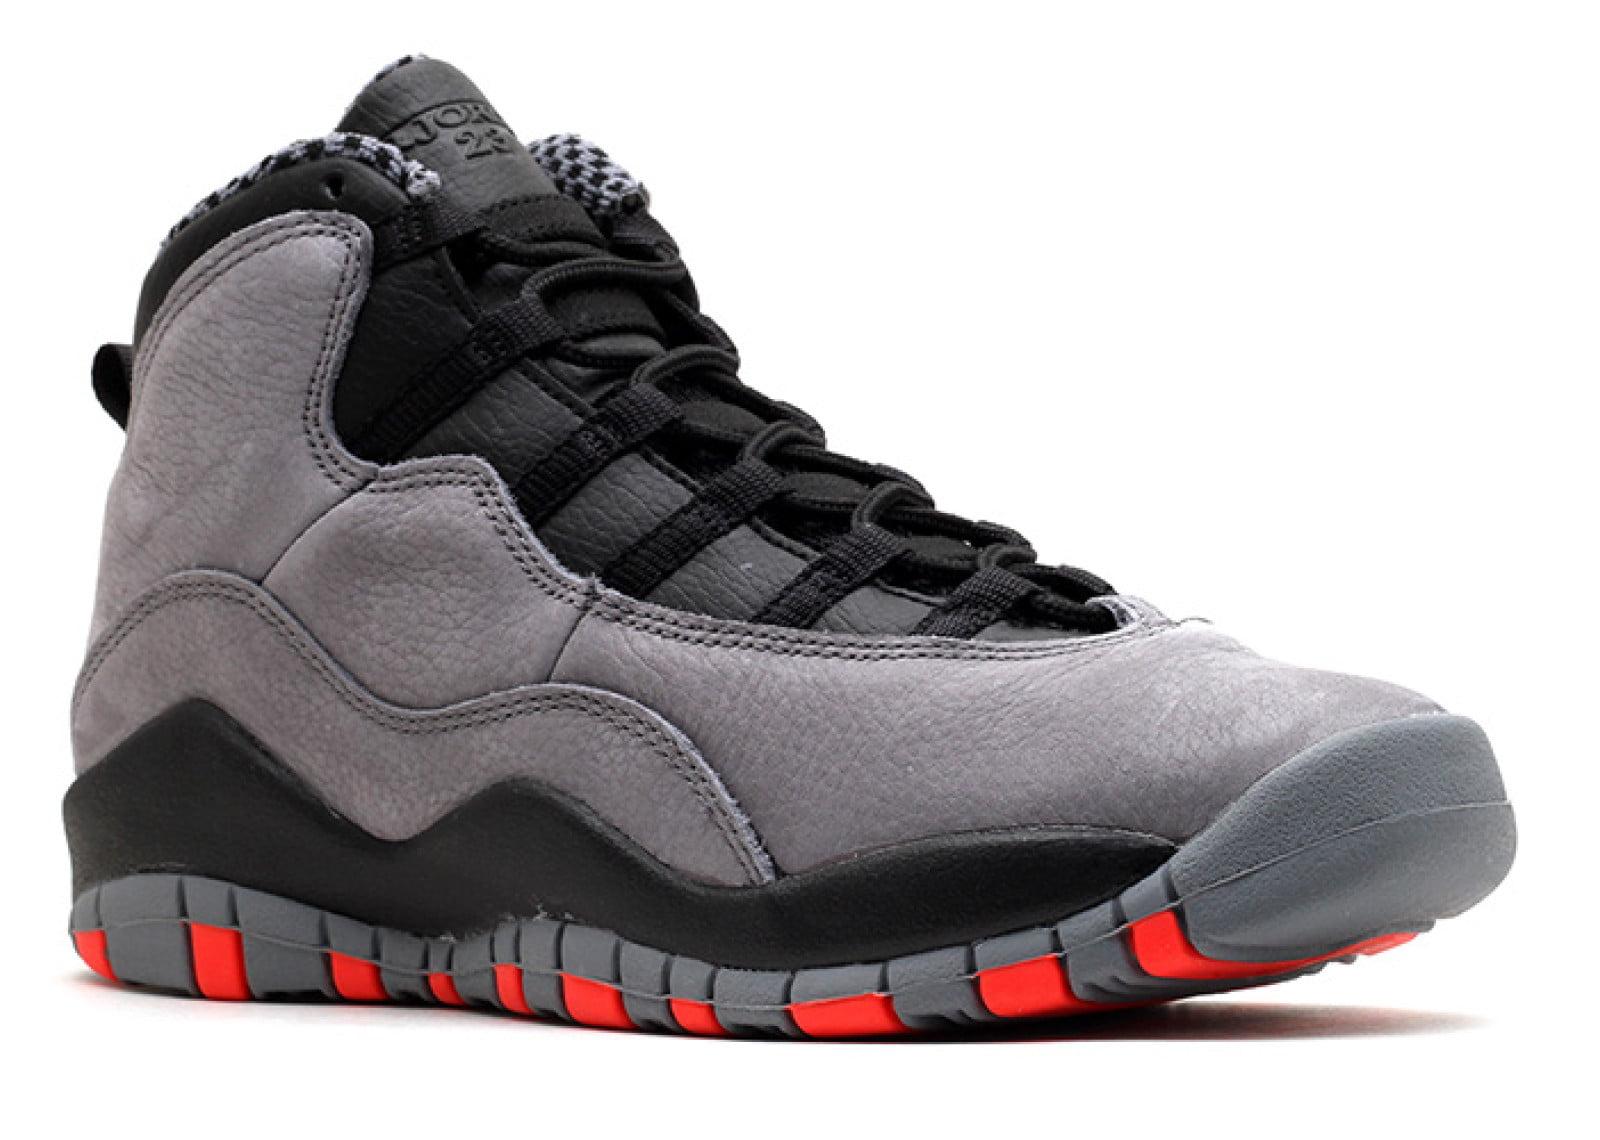 best cheap fbd68 744c4 Air Jordan - Unisex - Air Jordan 10 Retro Gs  Cool Grey  - 310806-023 -  Size 4